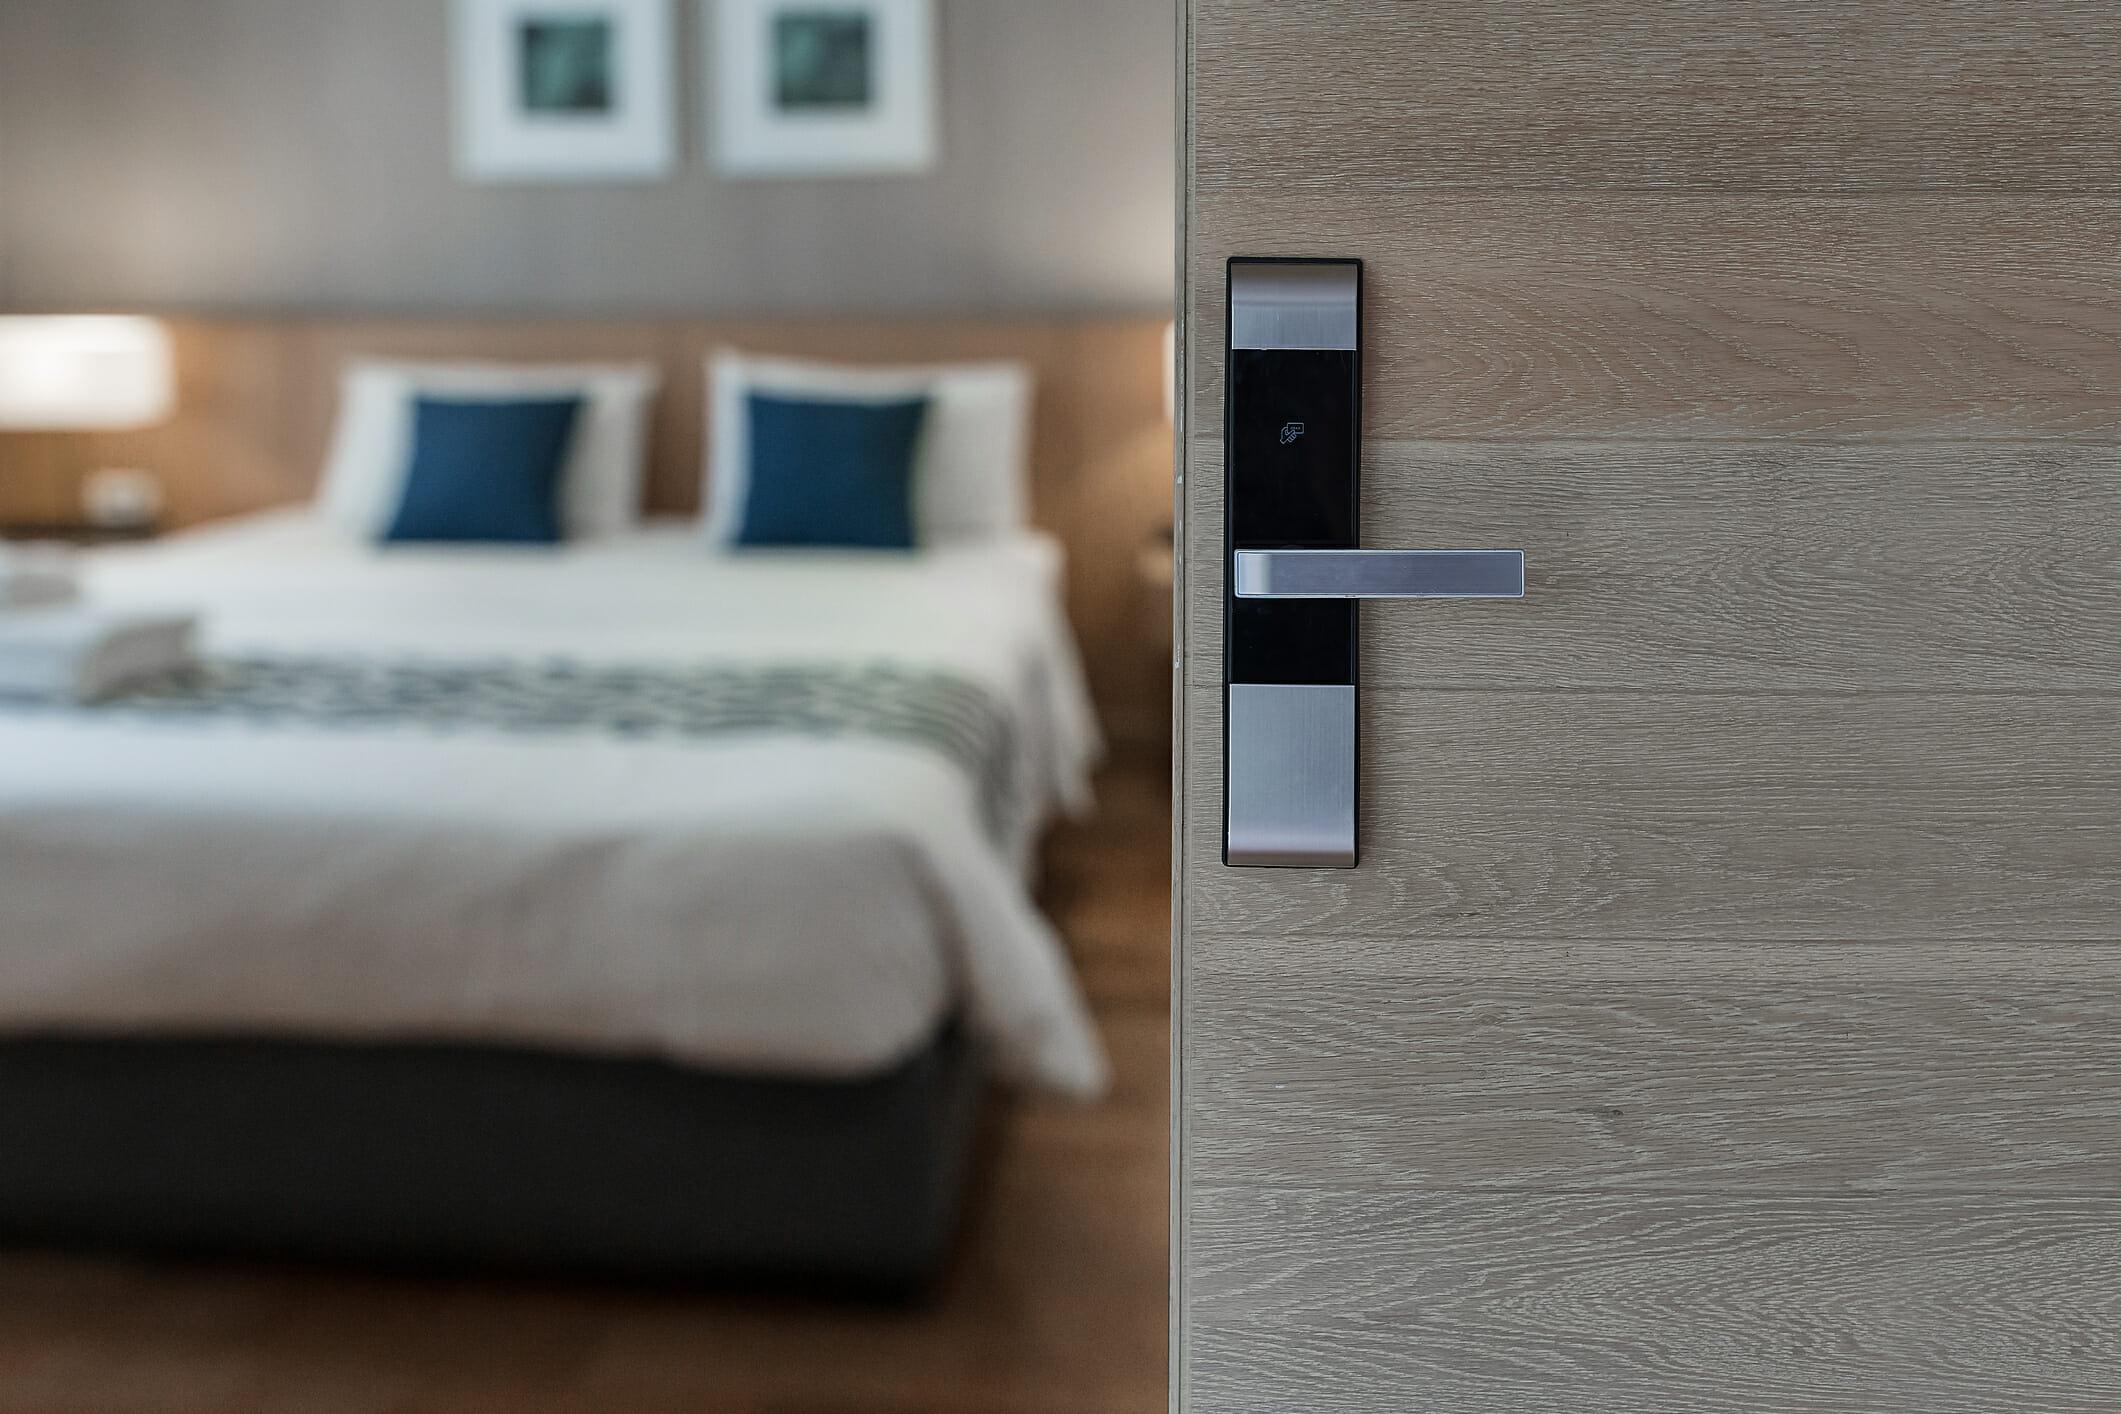 Hotel room , Condominium or apartment doorway with open door in front of blur bedroom background